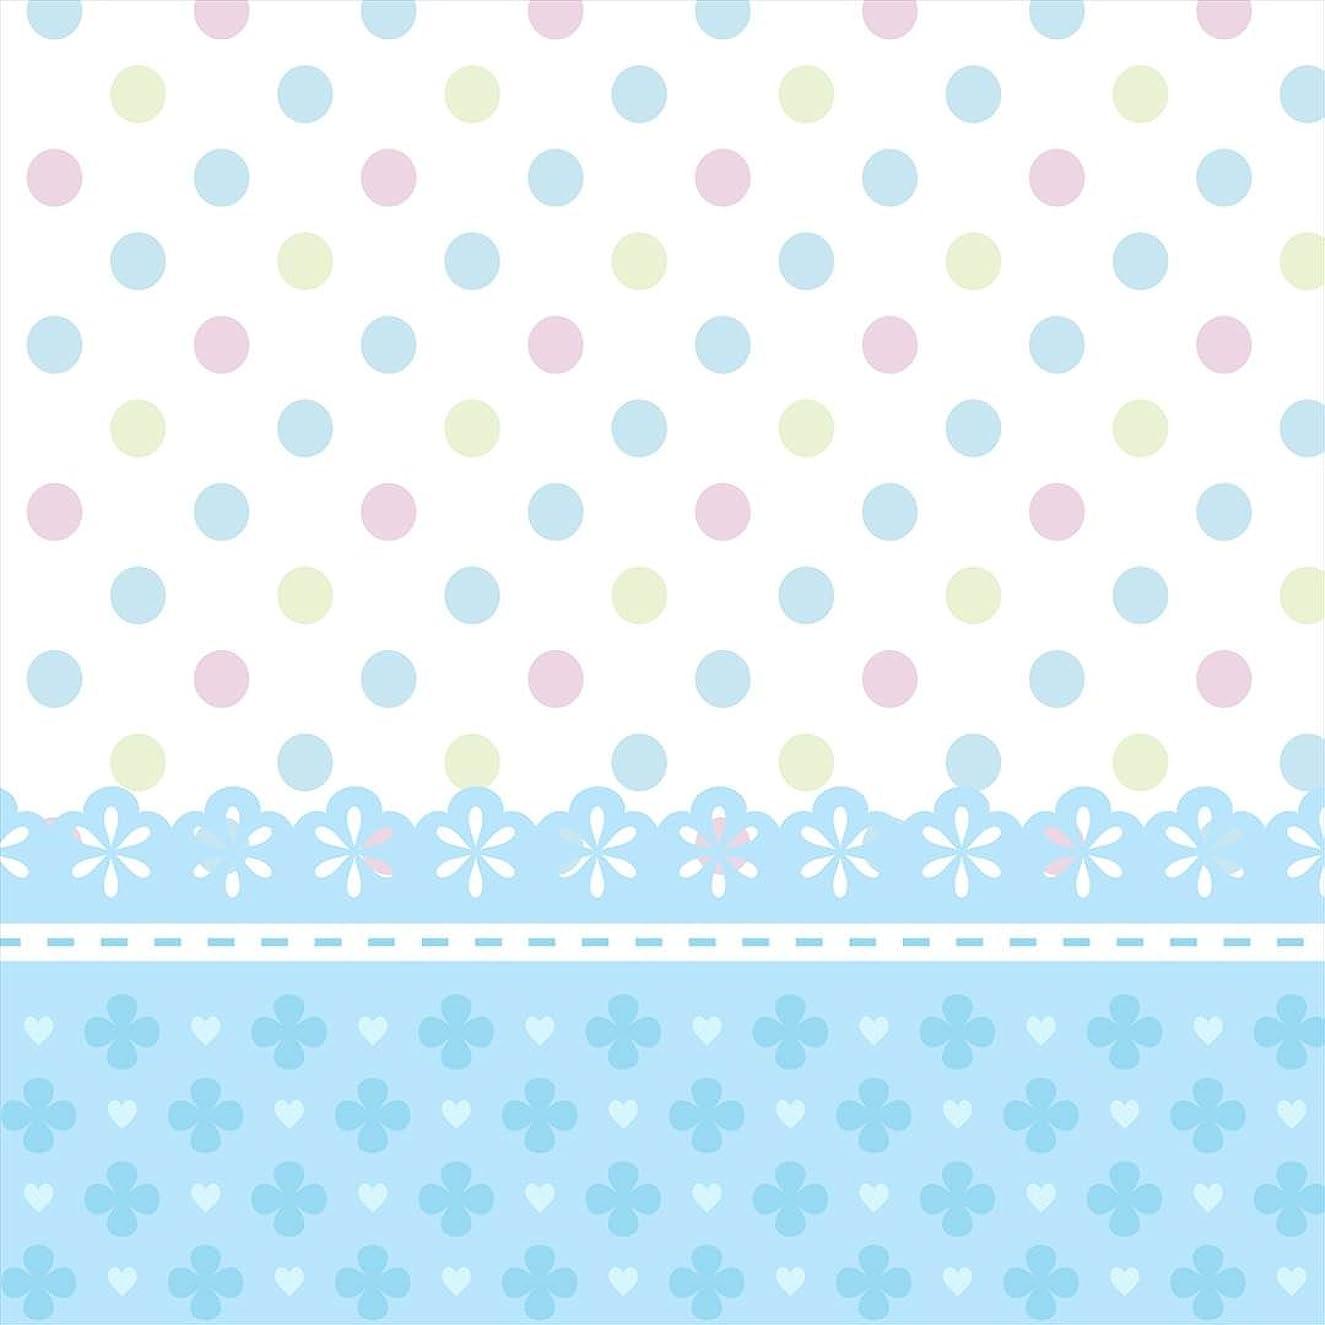 誰のフィヨルド誰のポスター ウォールステッカー 正方形 シール式ステッカー 飾り 60×60cm Msize 壁 インテリア おしゃれ 剥がせる wall sticker poster ラブリー ドット 水玉 水色 004937